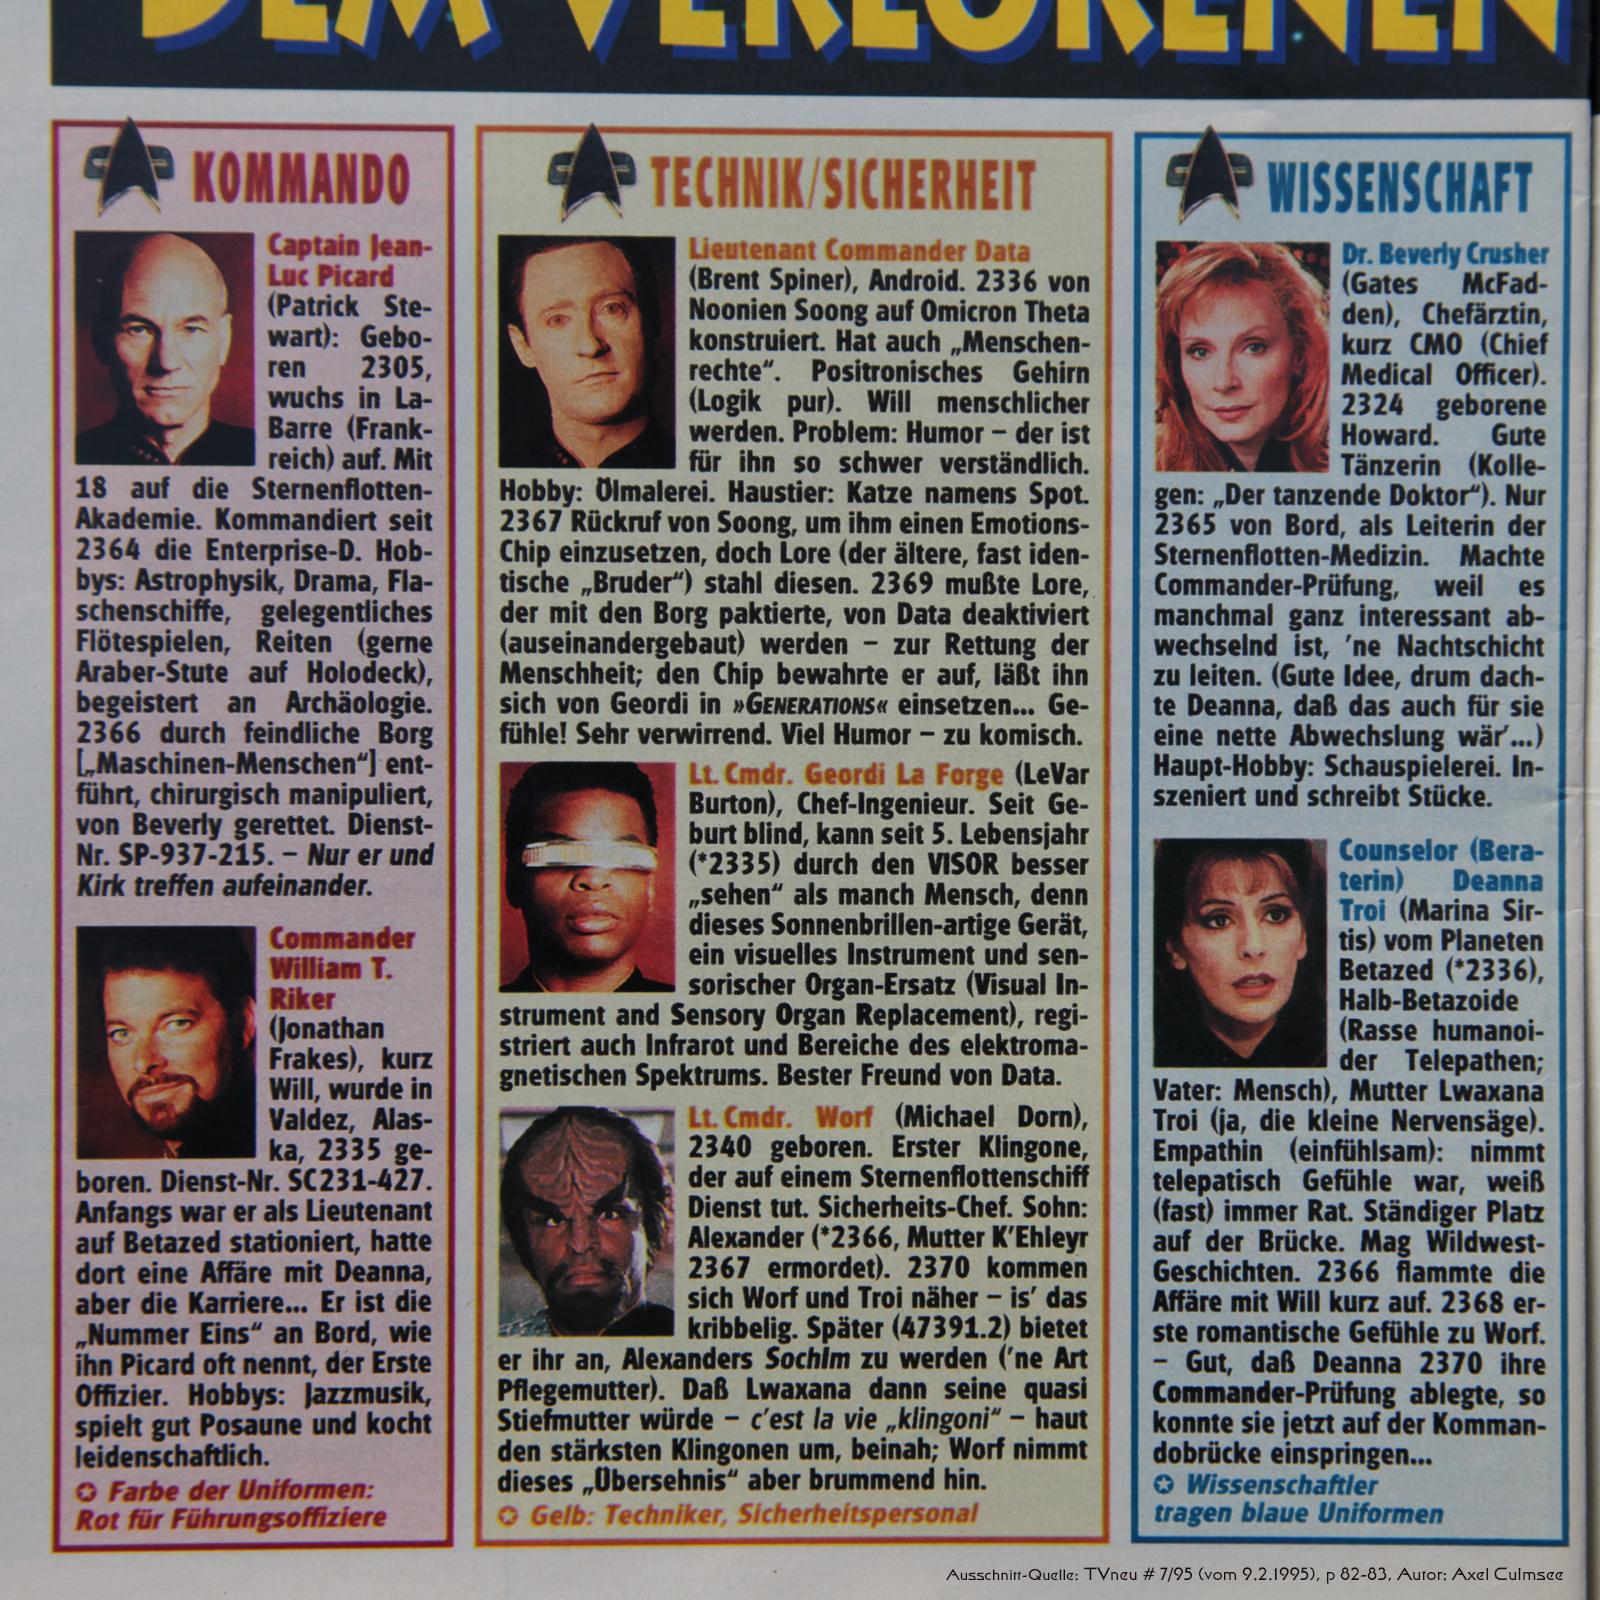 Star Trek Generations-Artikel in TVneu 7-1995 Ausschnitt TNG Crew